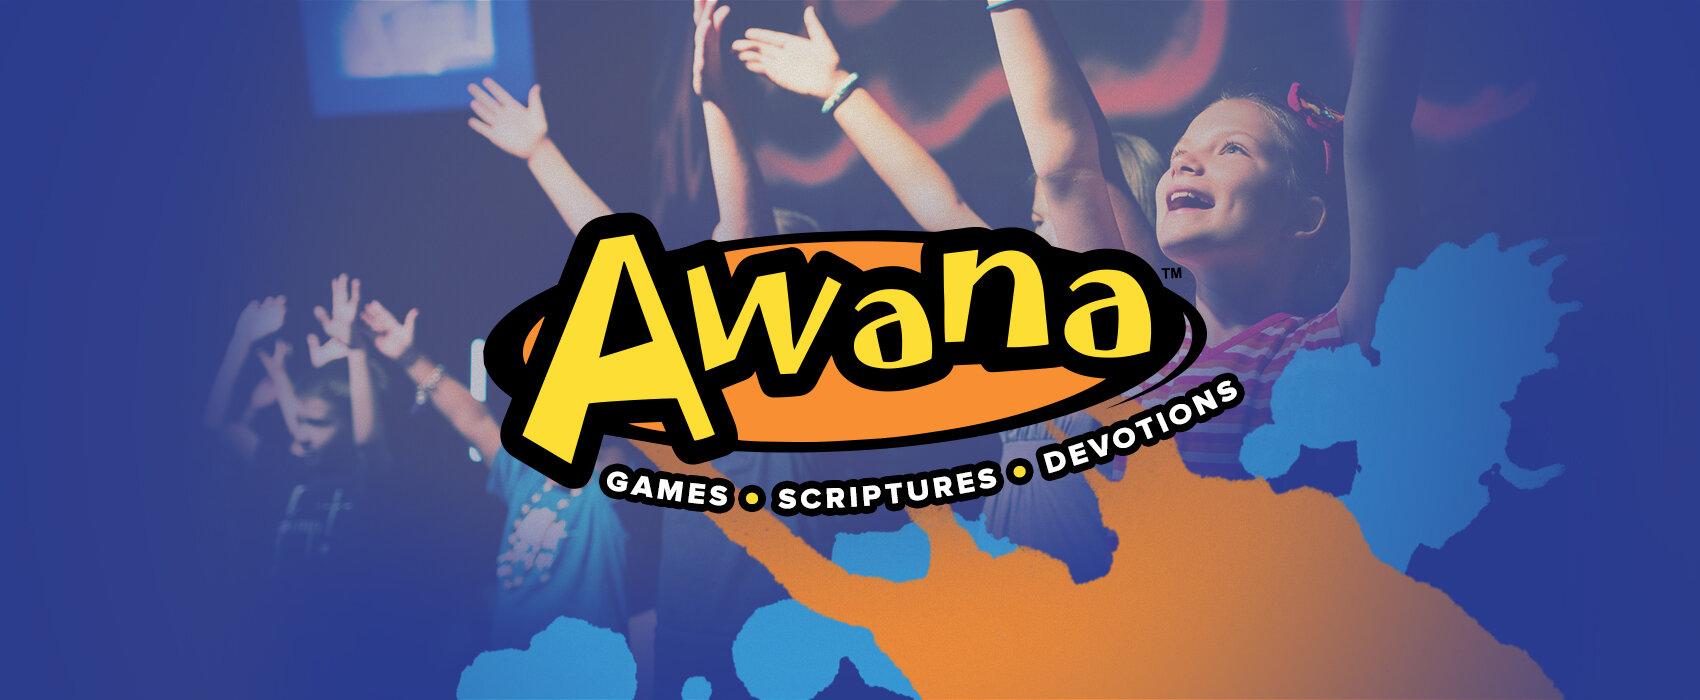 AWANA graphic.jpg